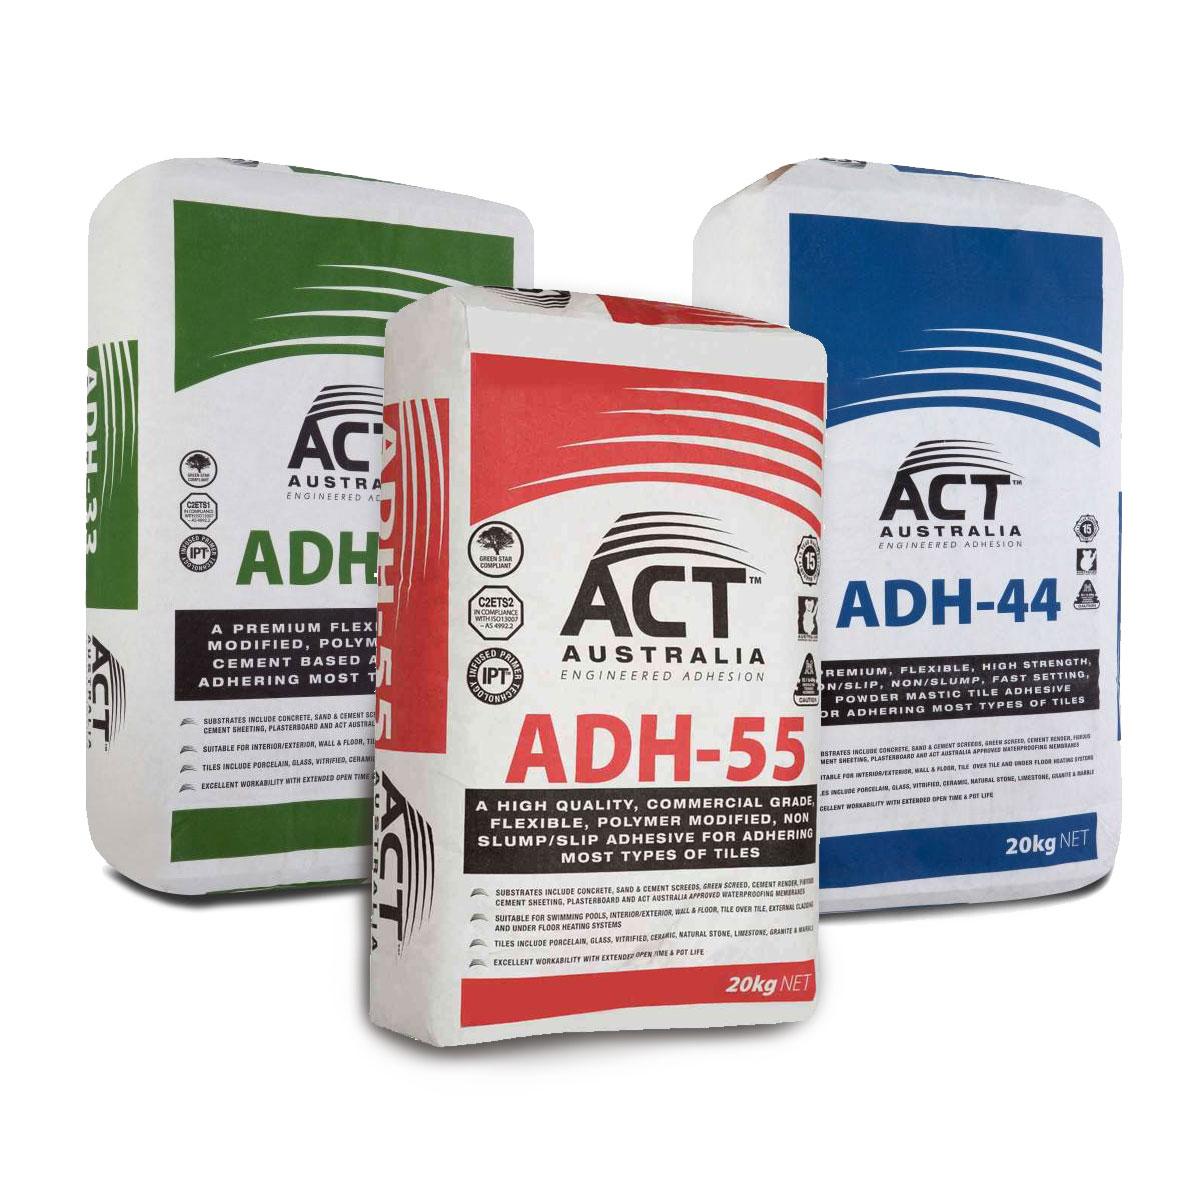 Adhesives - 33 - 44 - 55 - Stone3 Brisbane